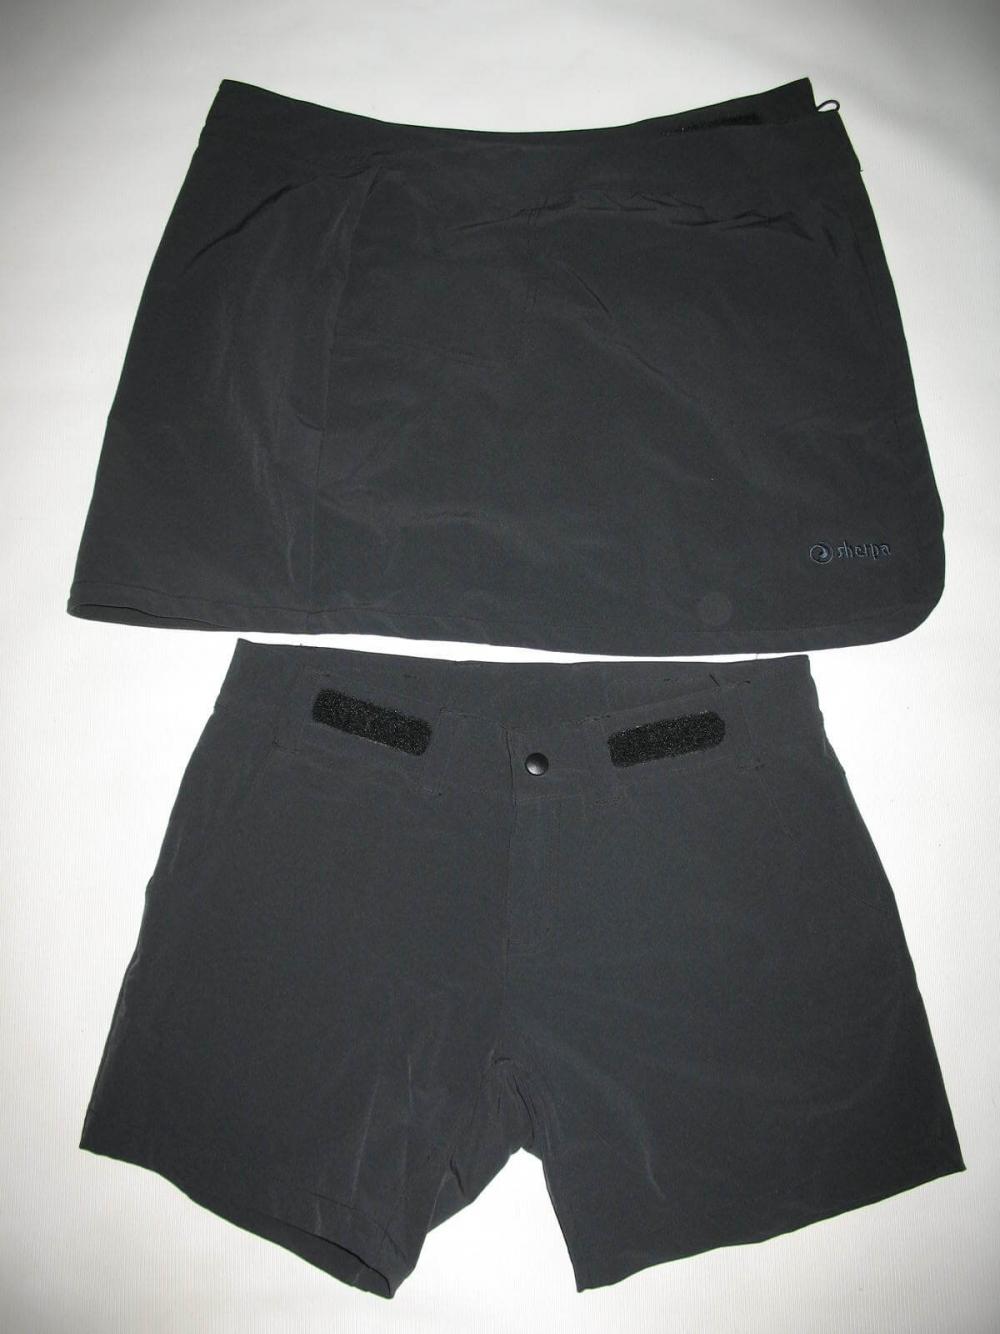 Шорты SHERPA mamta shorts-skirt lady (размер M) - 2